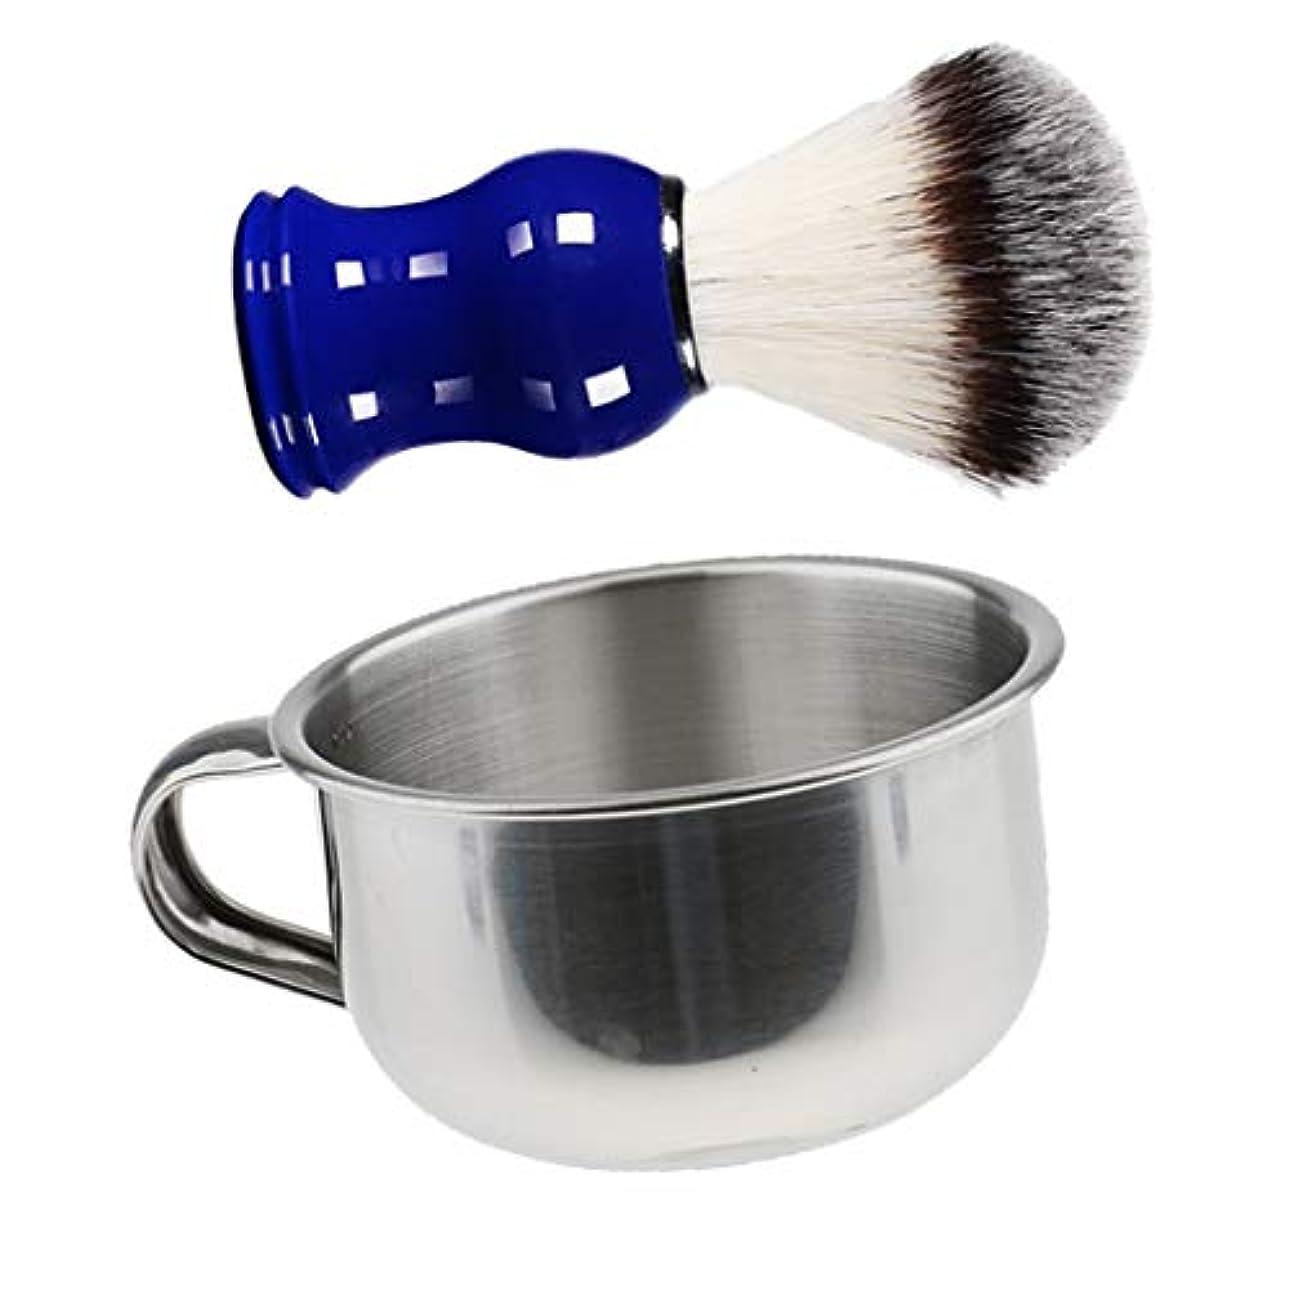 ギャザーつぼみたぶんBaoblaze シェービングブラシセット ステンレス製シェービングボウル メンズ 理容 洗顔 髭剃り 泡立ち 実用的